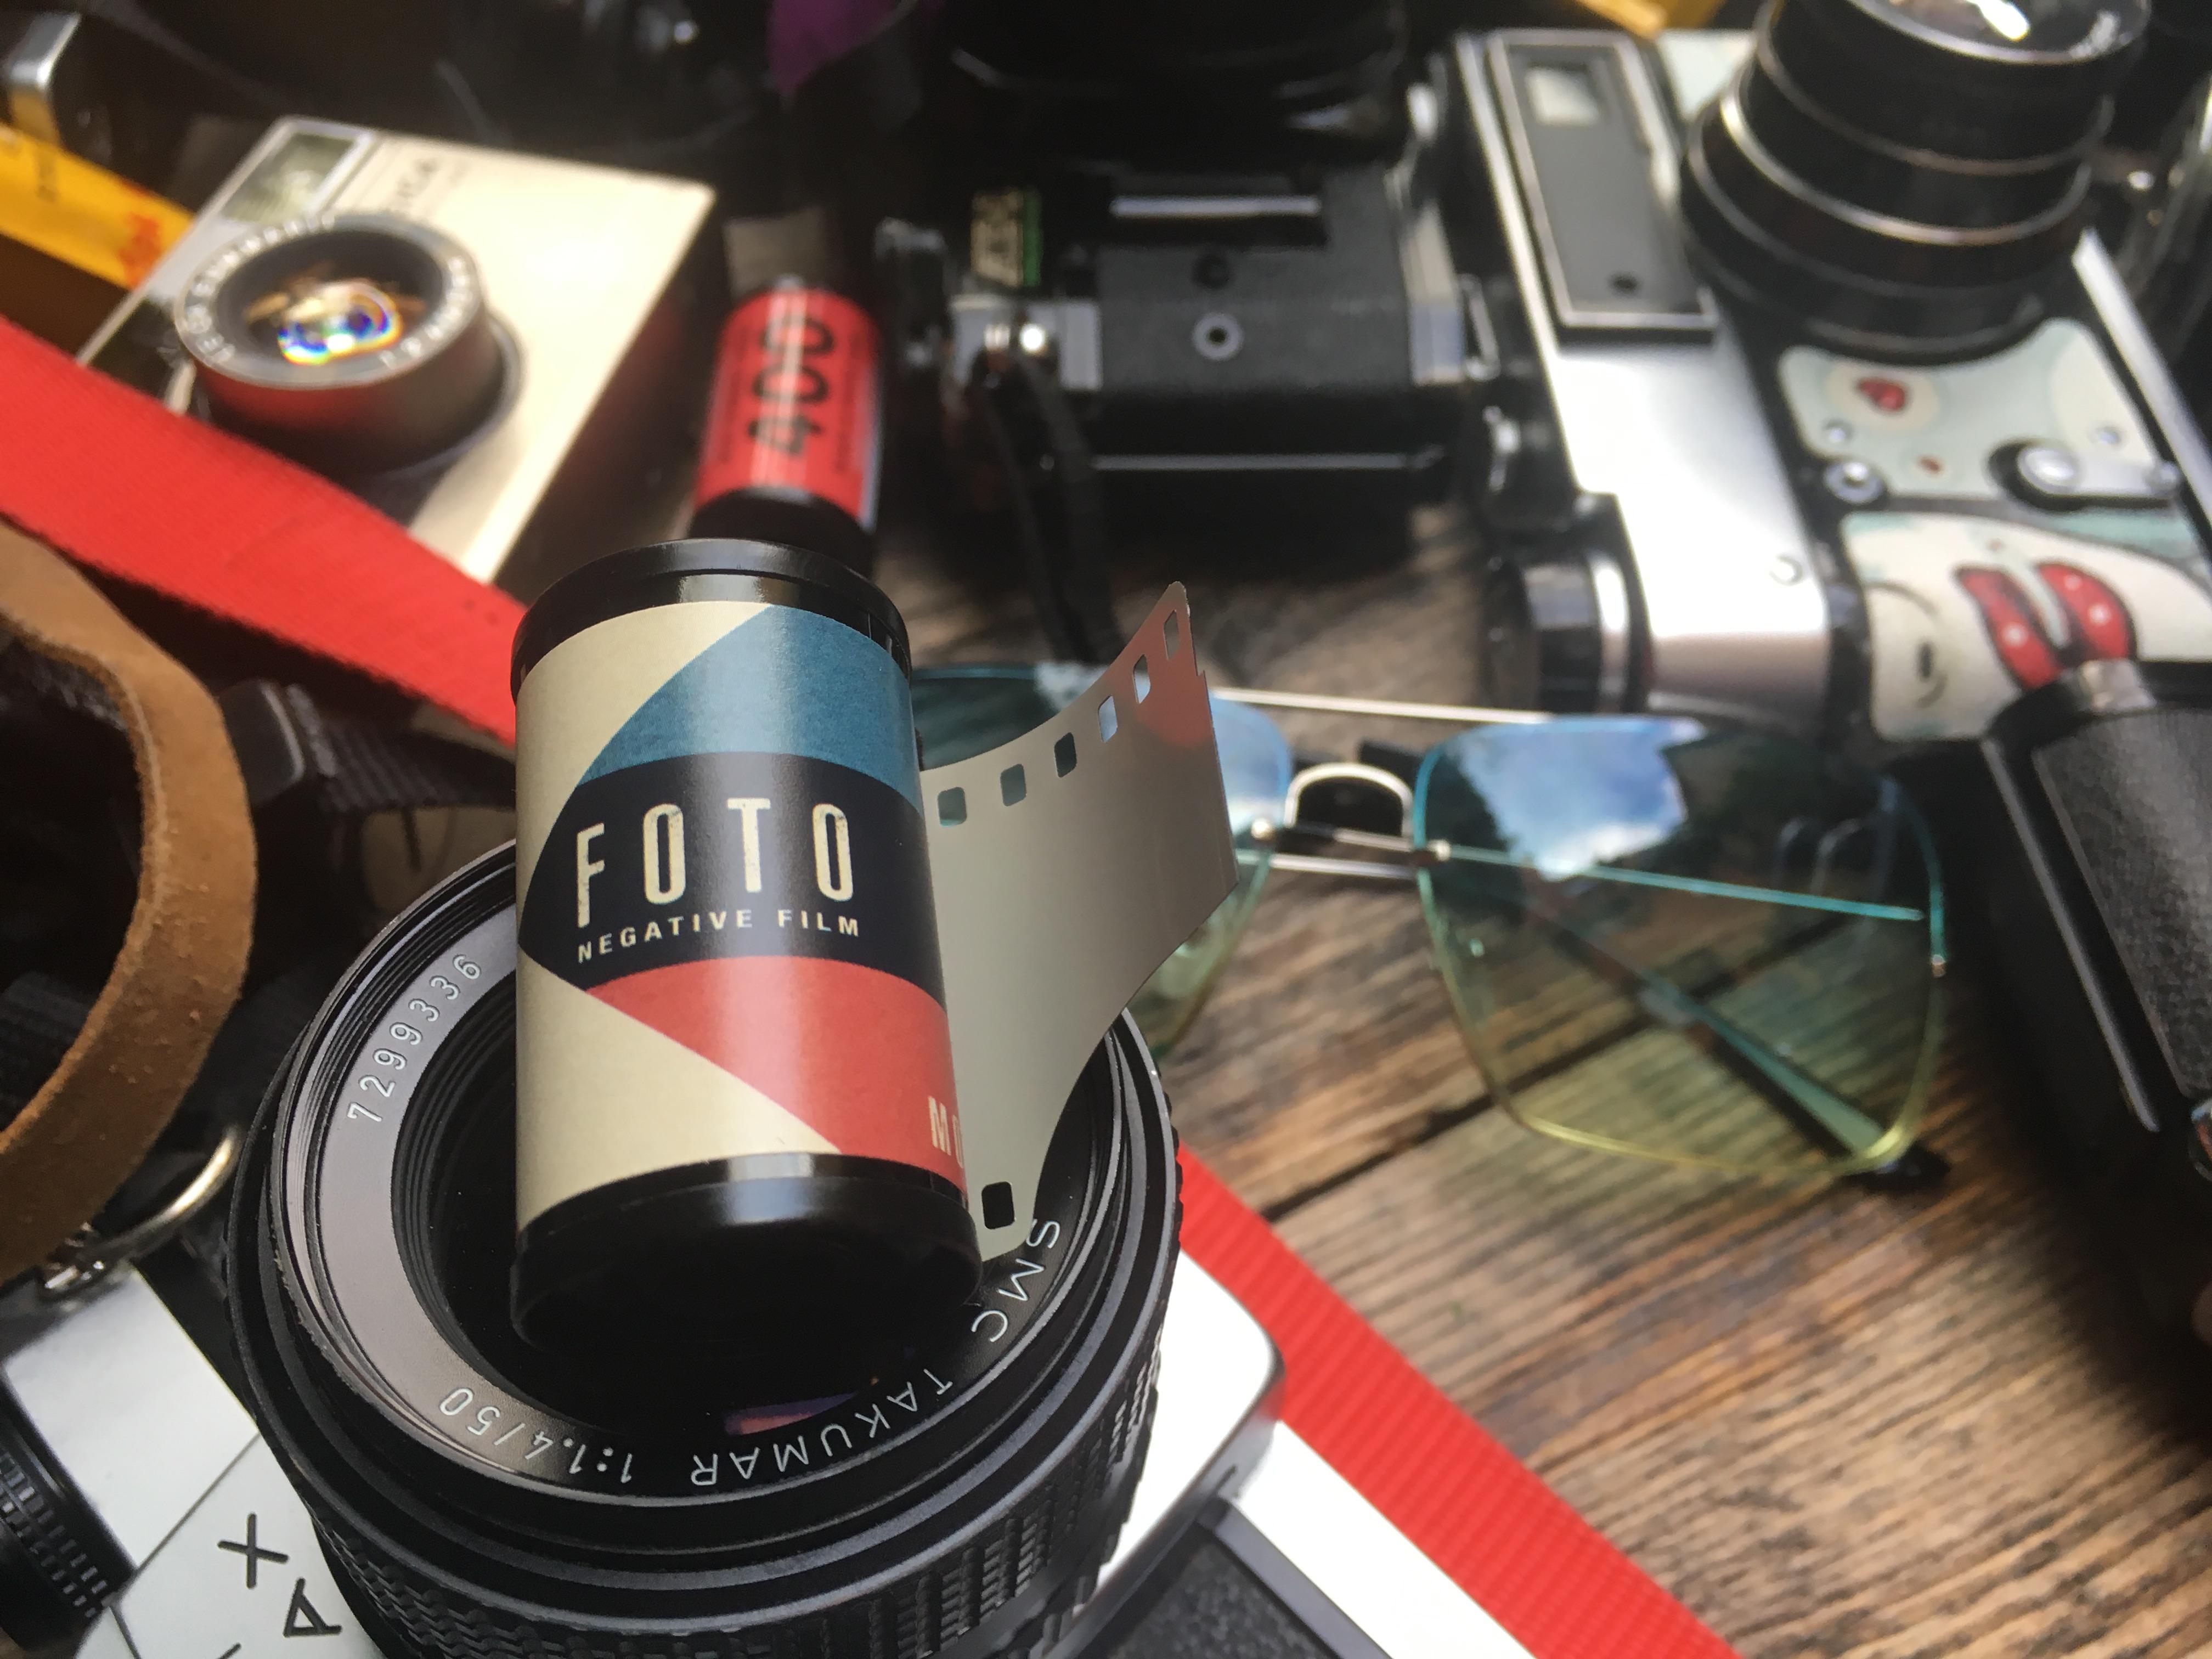 Film and cameras